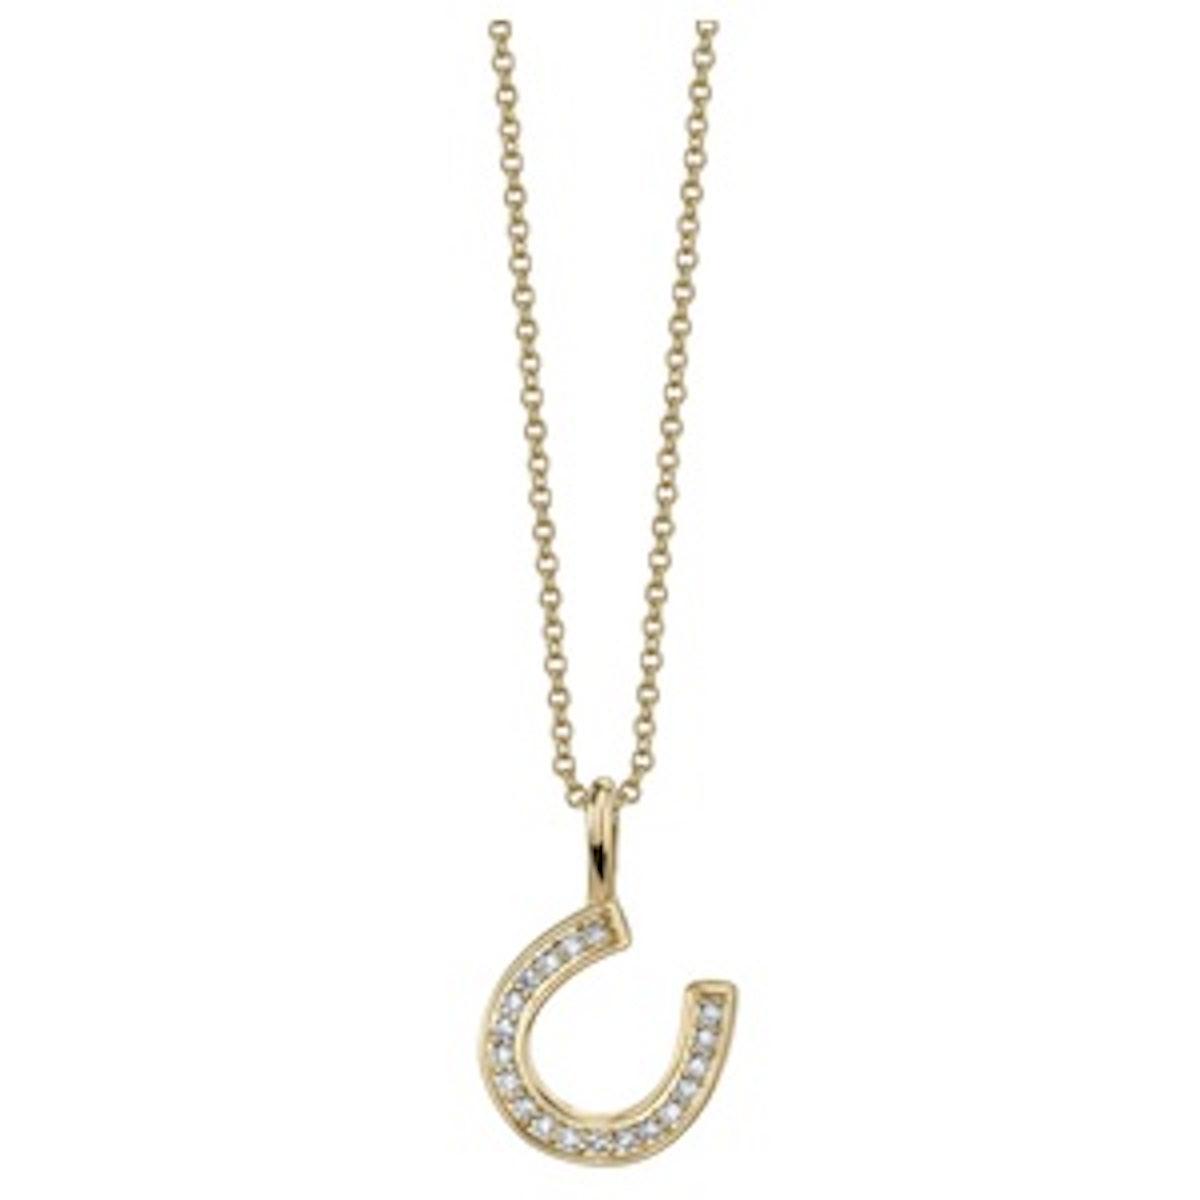 Mini Pave Horseshoe Necklace